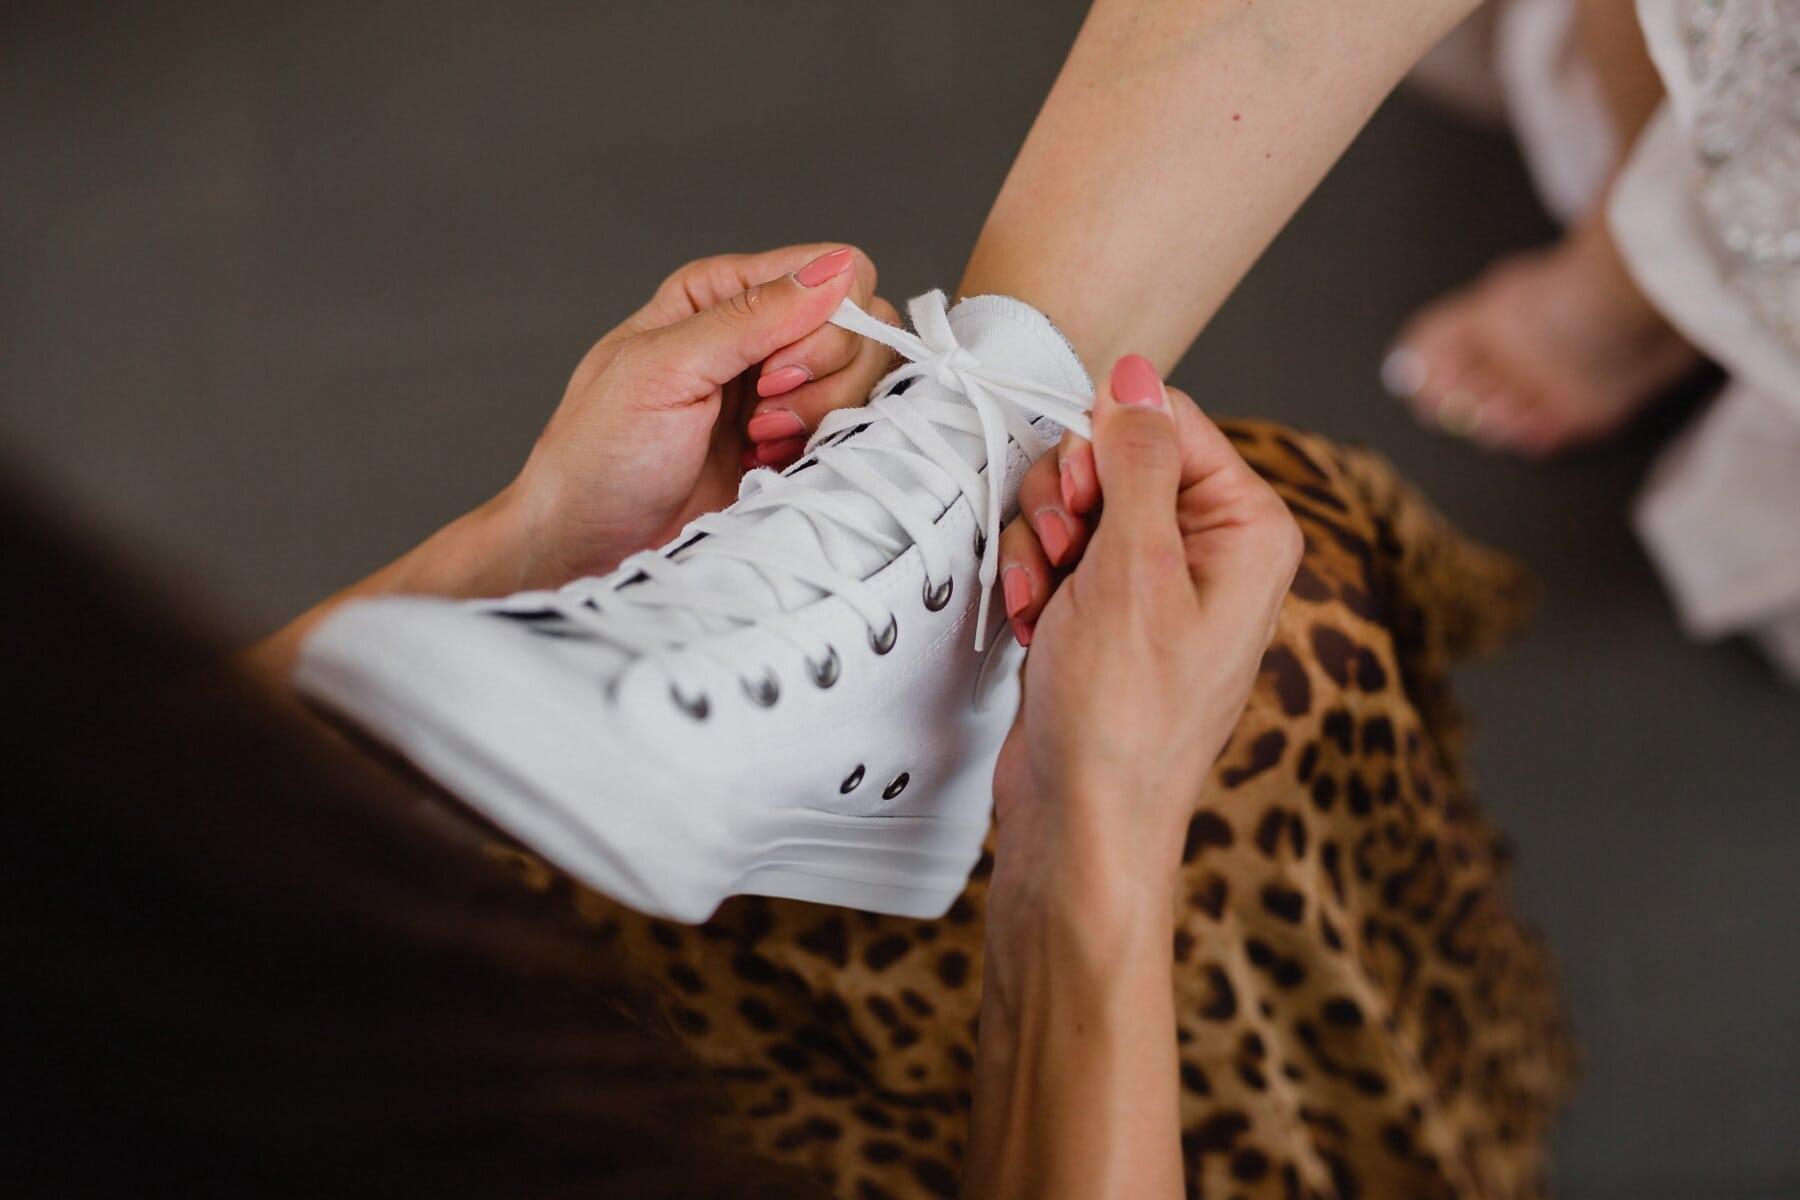 weiß, Turnschuhe, Schnürsenkel, Frauen, Beine, Hände, Frau, Menschen, Fuß, Mode